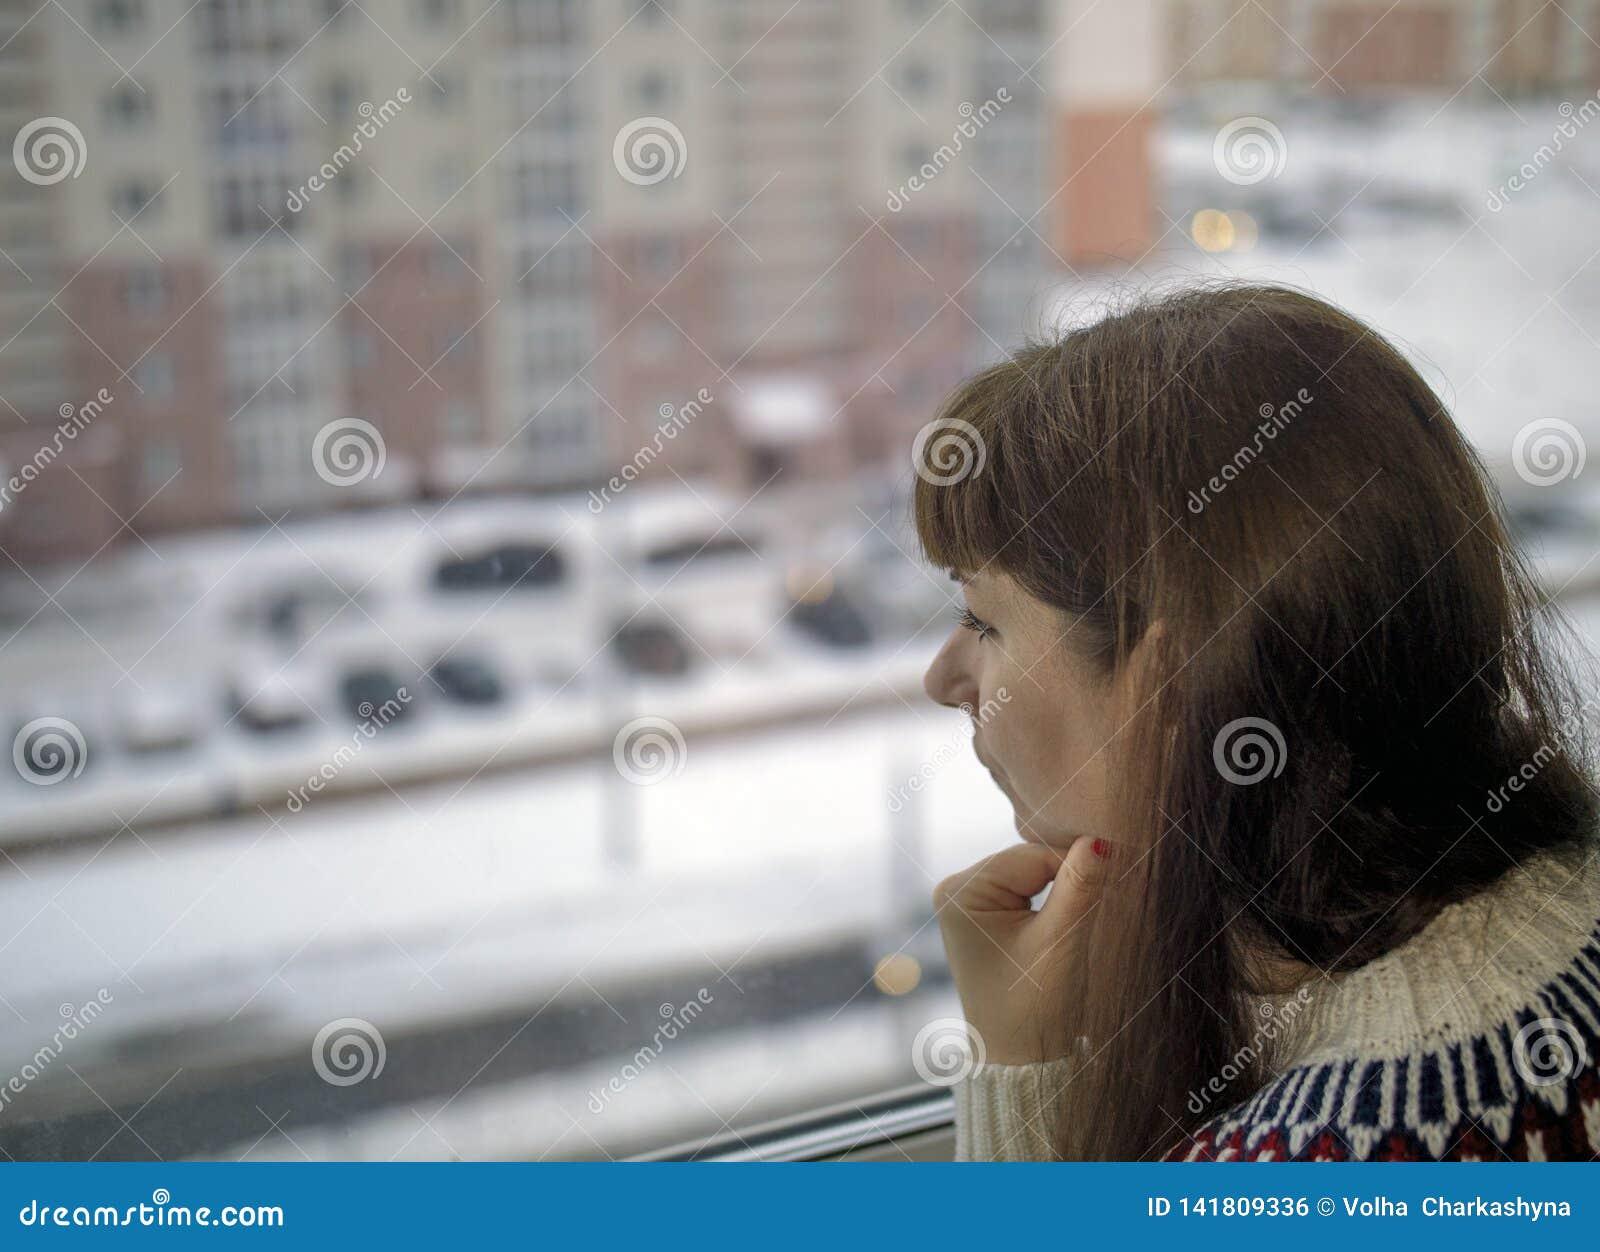 Junge hübsche Frau, traurig das Fenster heraus schauend zur Straße draußen, unscharfer Hintergrund